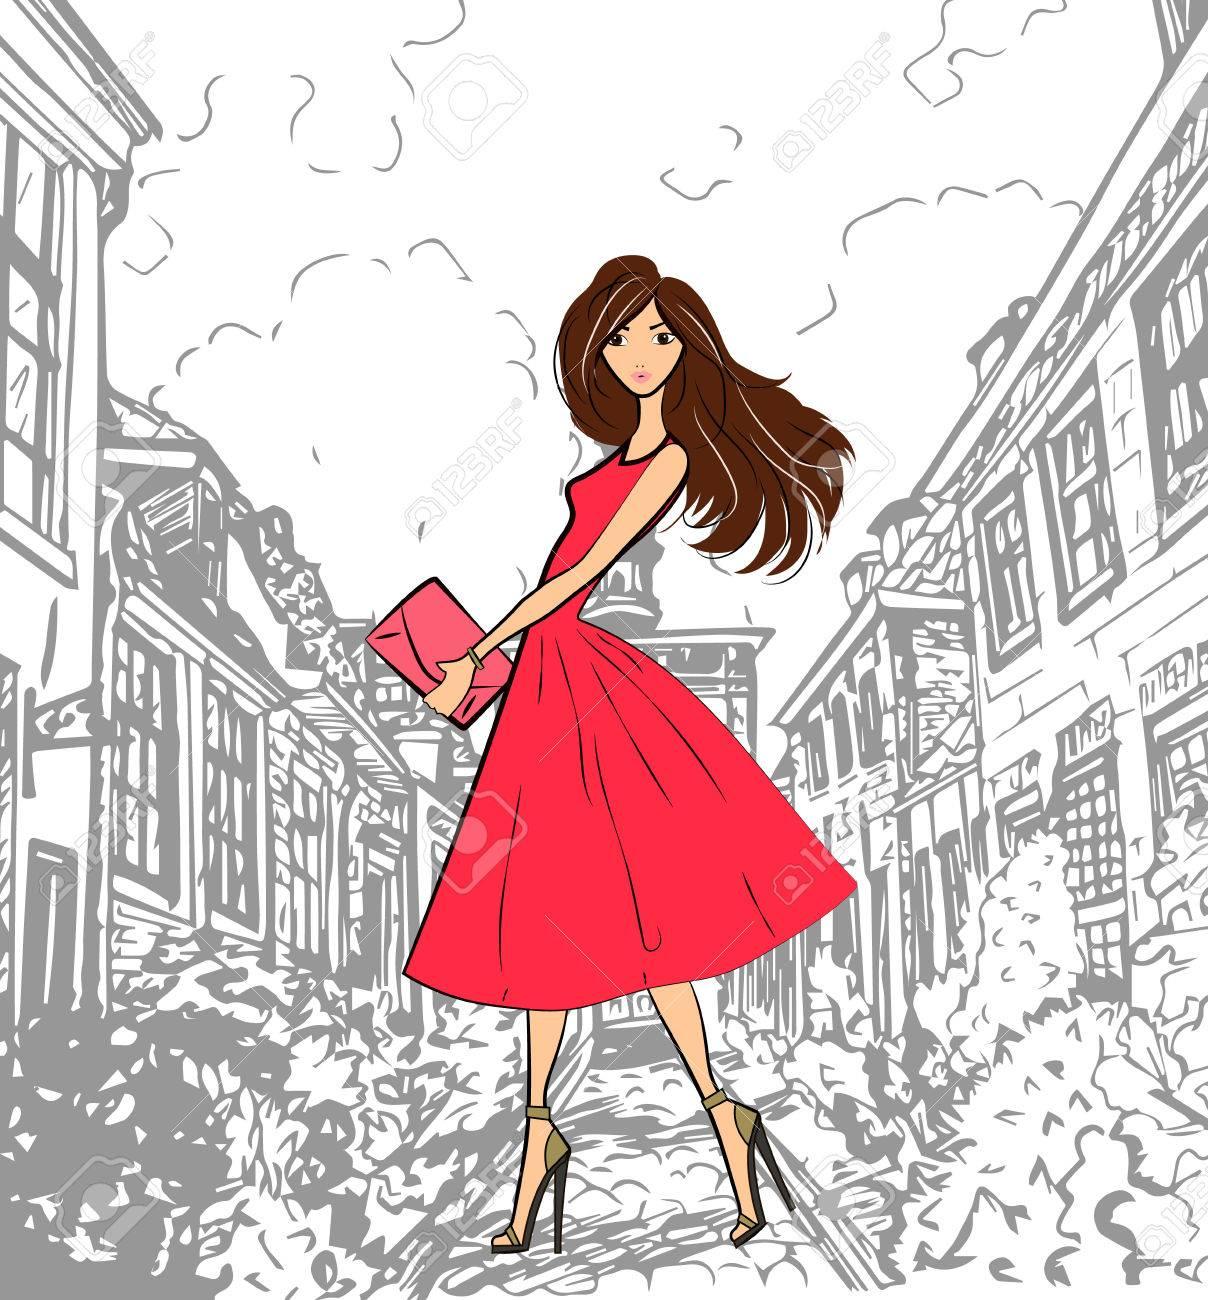 通りを歩きながらピンクのドレスでおしゃれなかわいい女の子